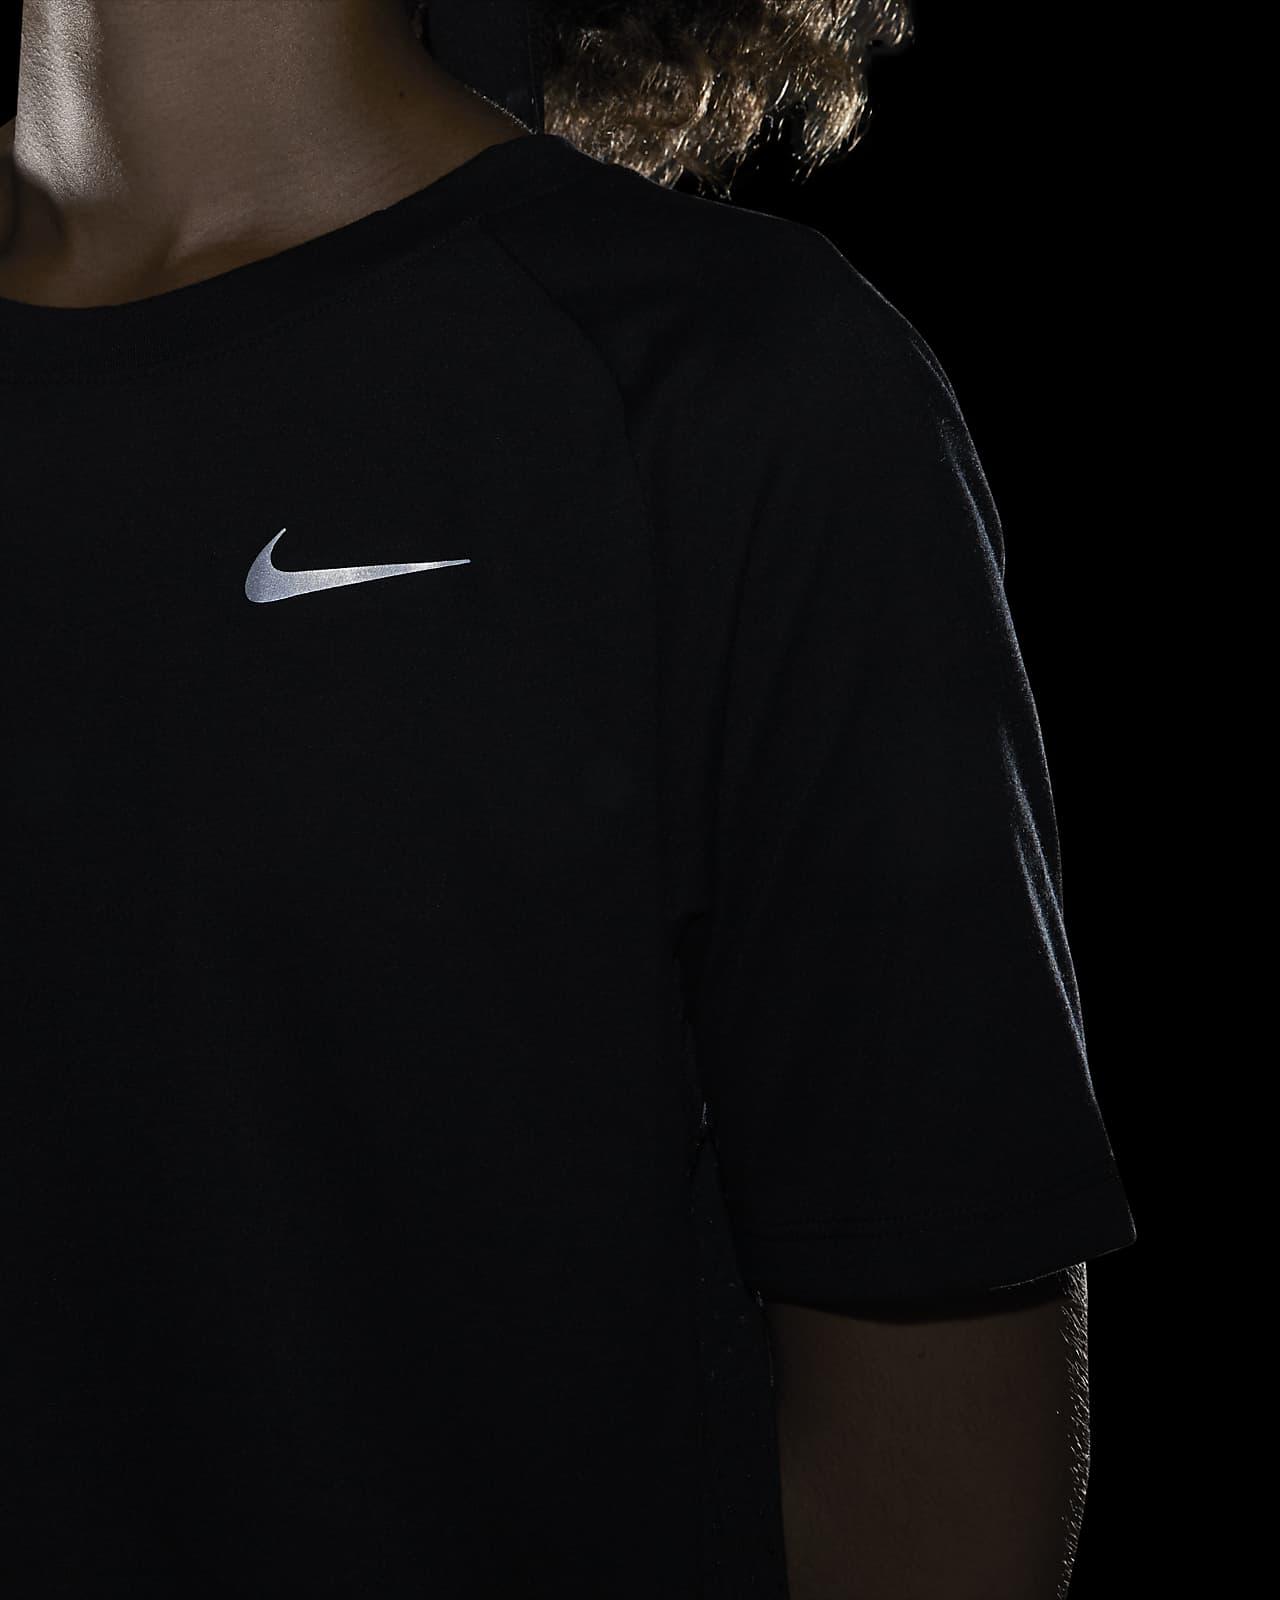 Nike Breathe Tailwind Women's Short